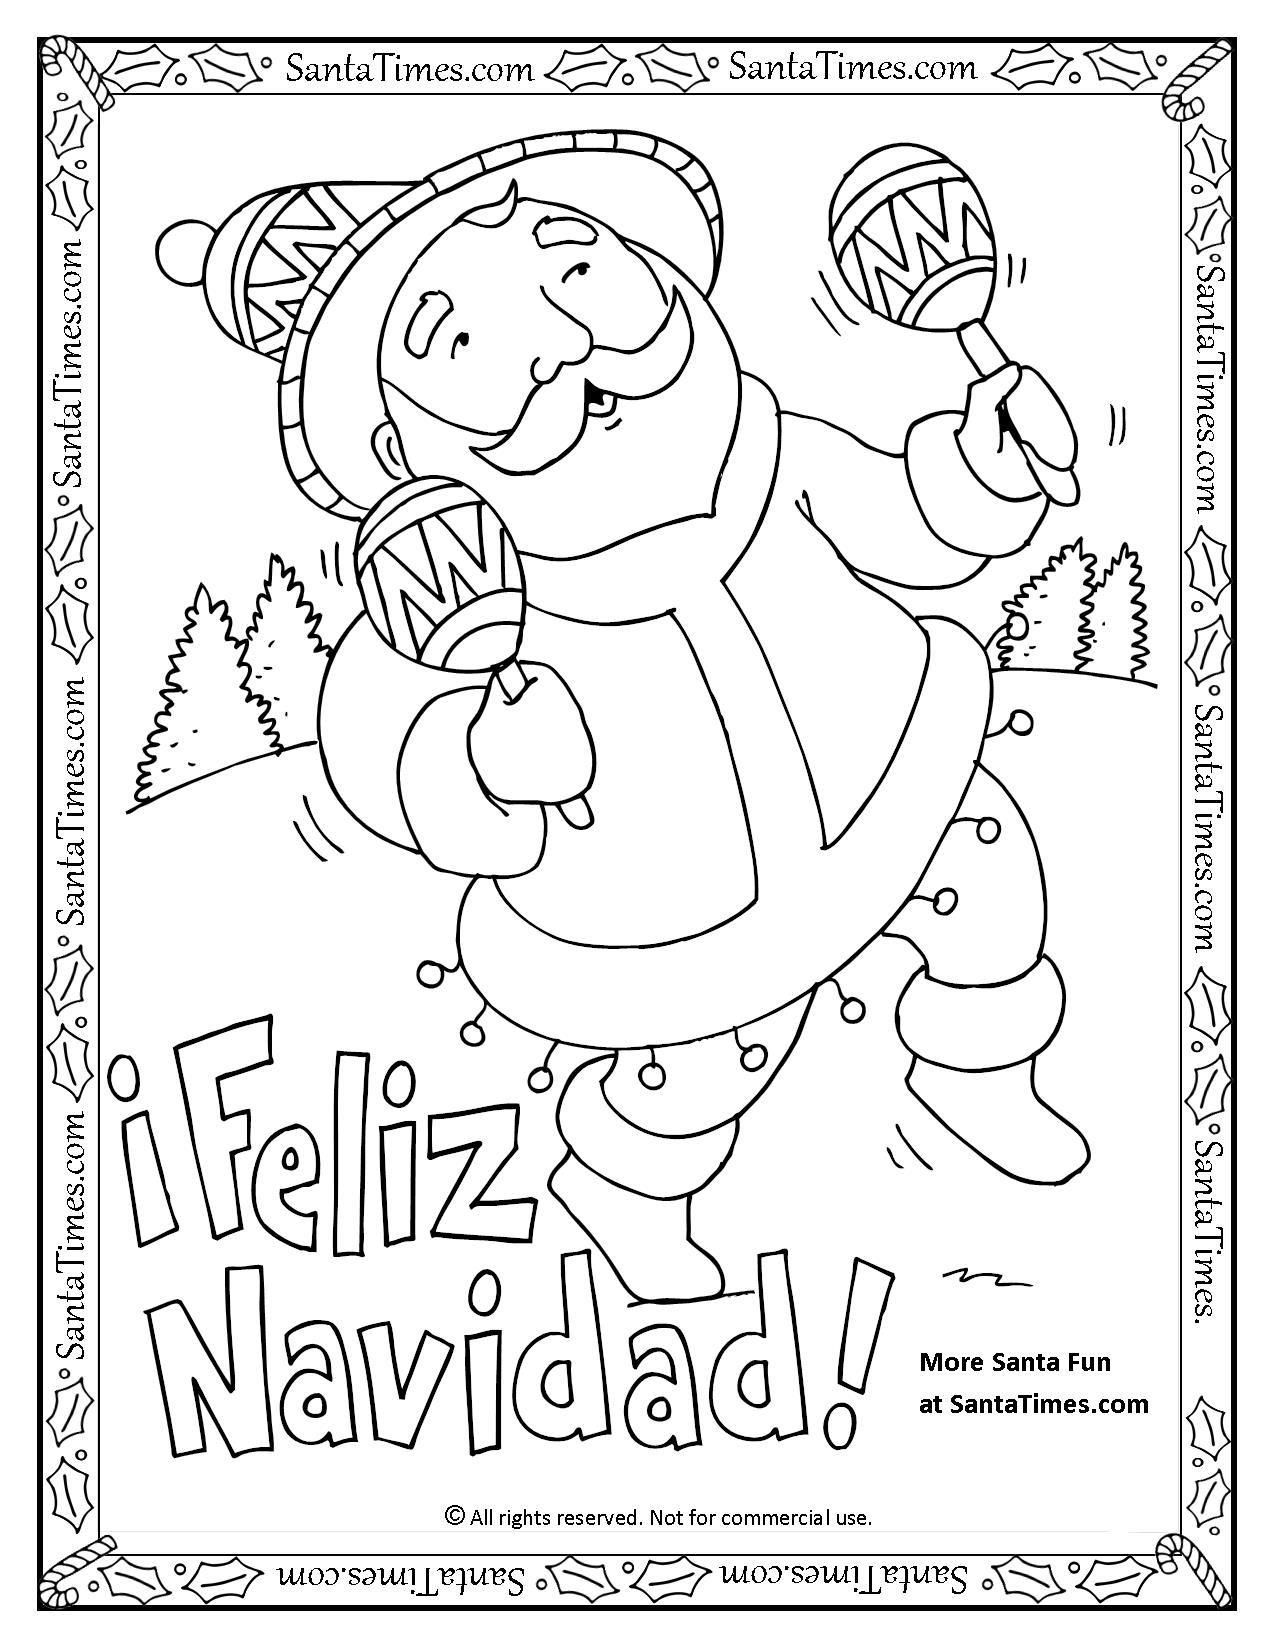 Feliz Navidad Coloring Sheets